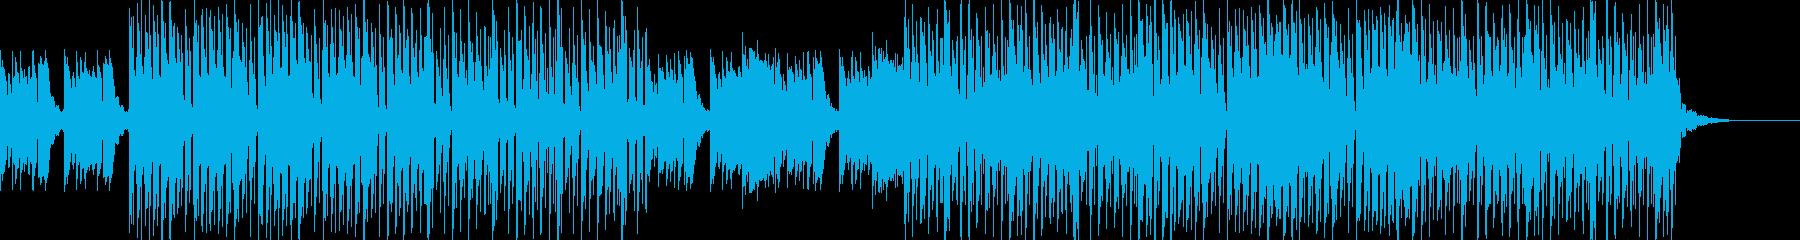 コミカルセクシーサックス・わくわくハウスの再生済みの波形